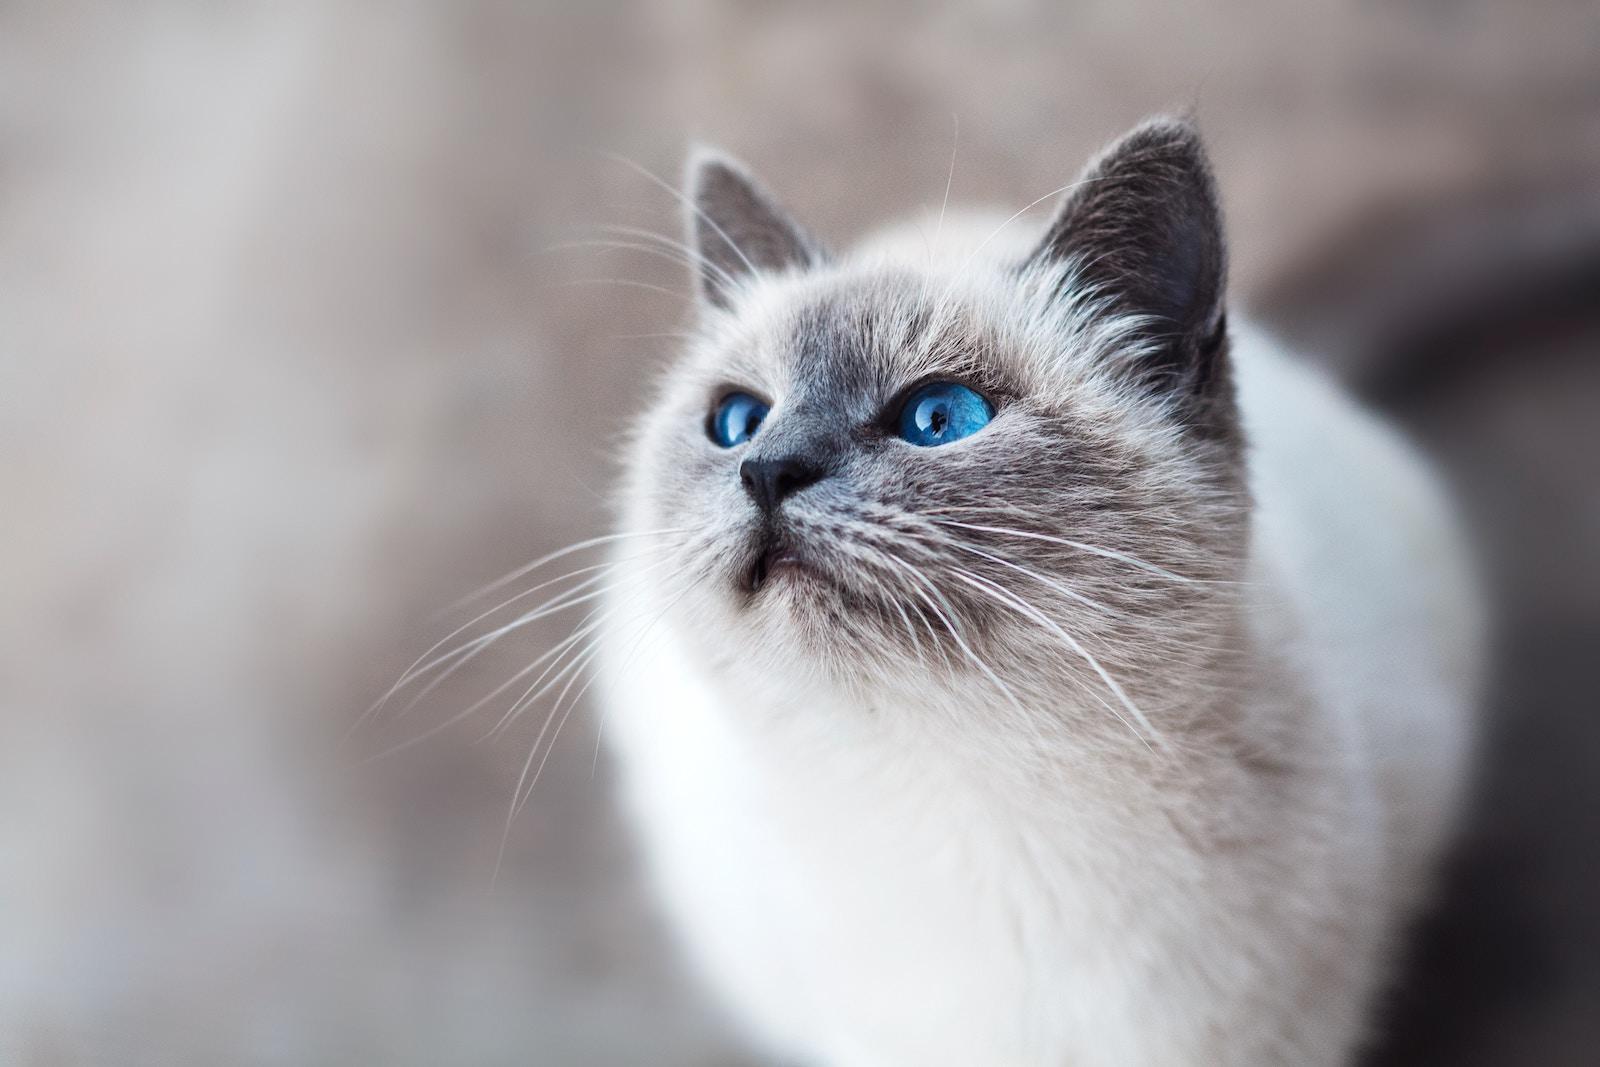 Коти, гроші, 2 «ефіри» — як заробити $2,5 млн за 7 днів